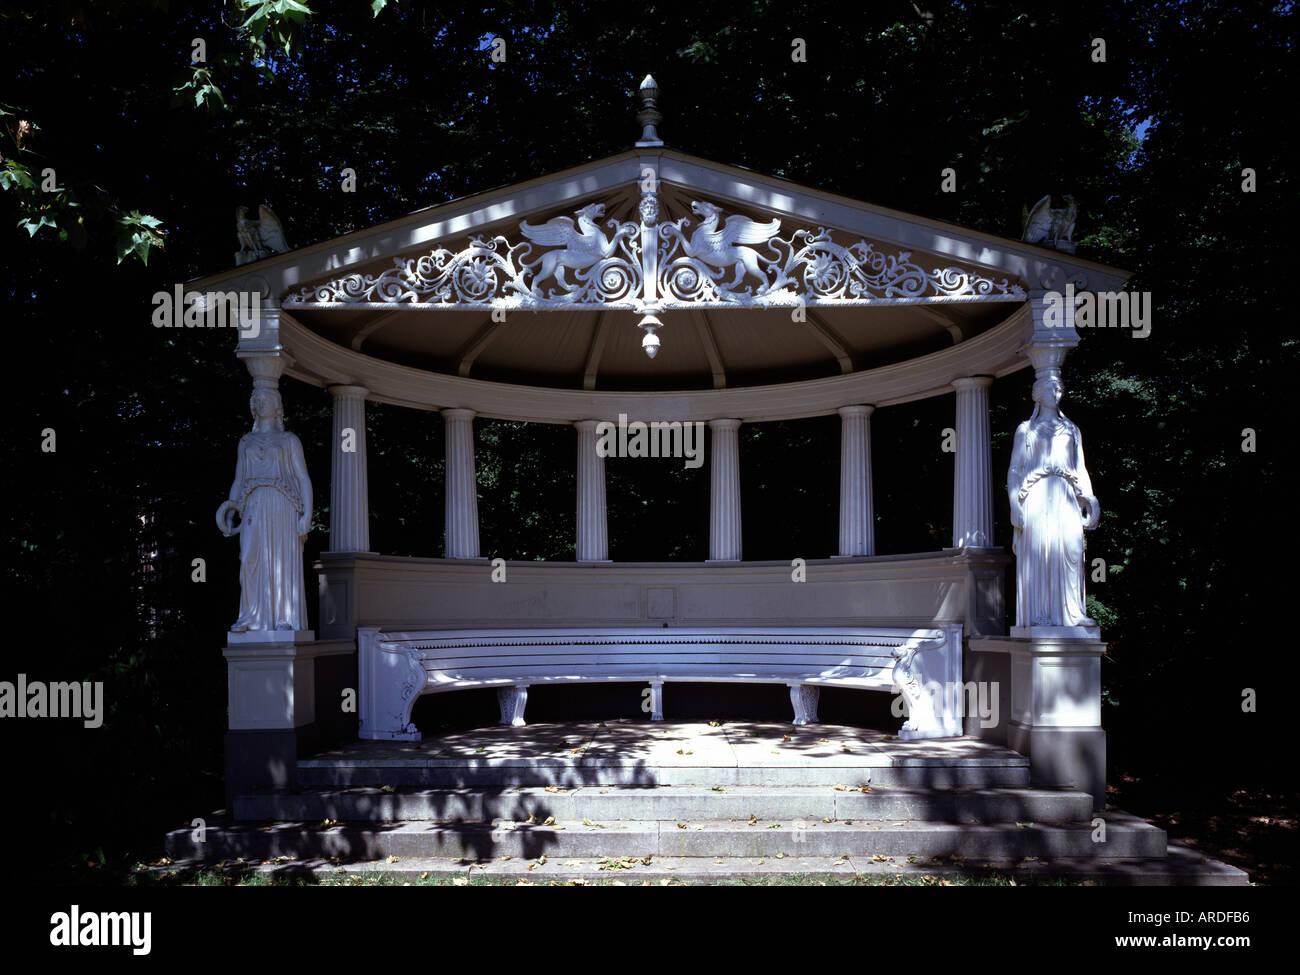 Ommen, Schloß Het Laar, Gartenpavillon - Stock Image